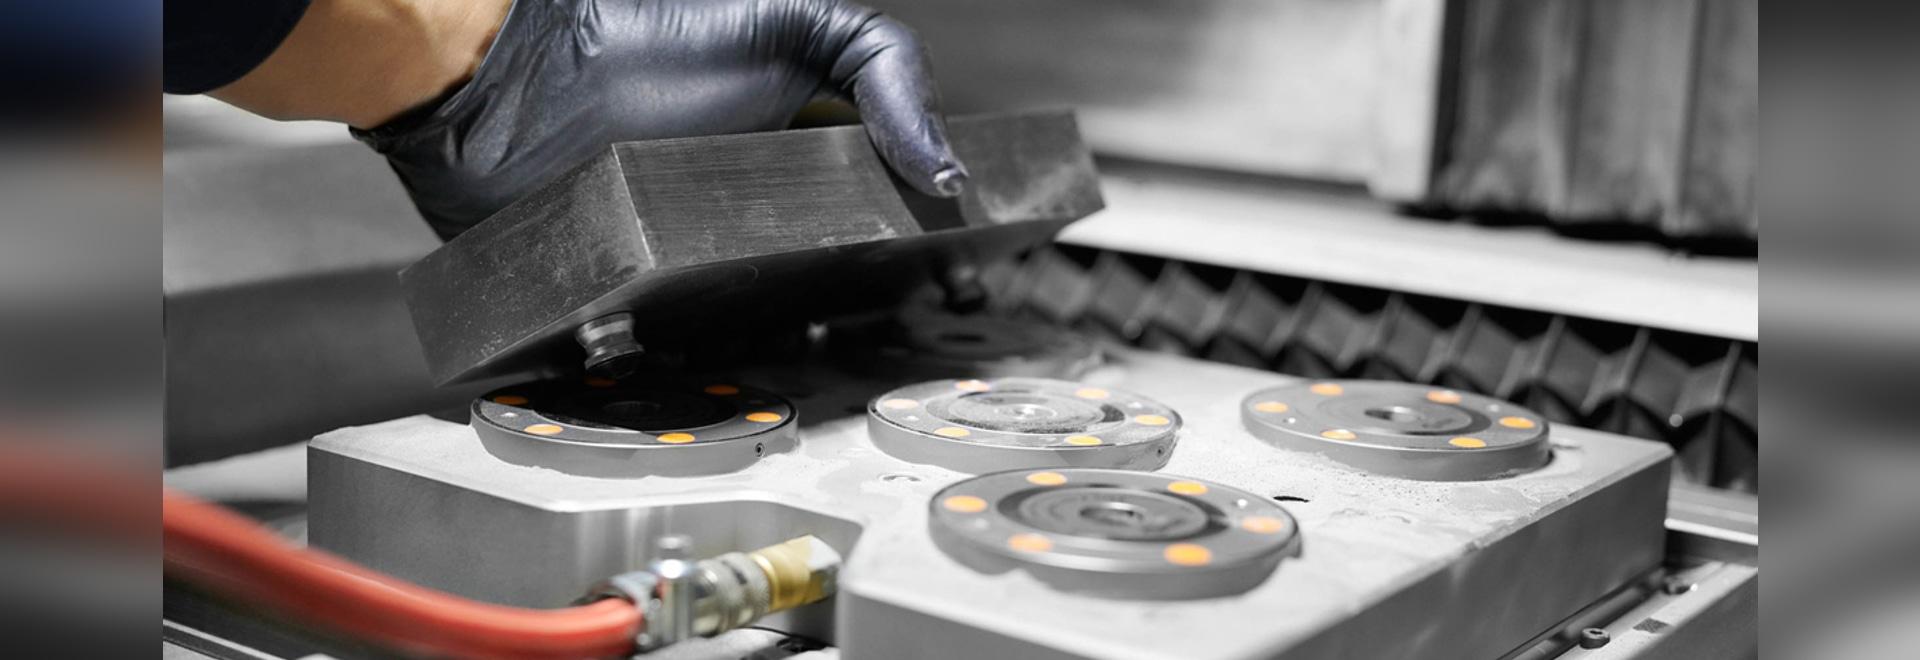 La tecnología Zero-Point System de AMF le permite reducir el tiempo de preparación a una décima parte